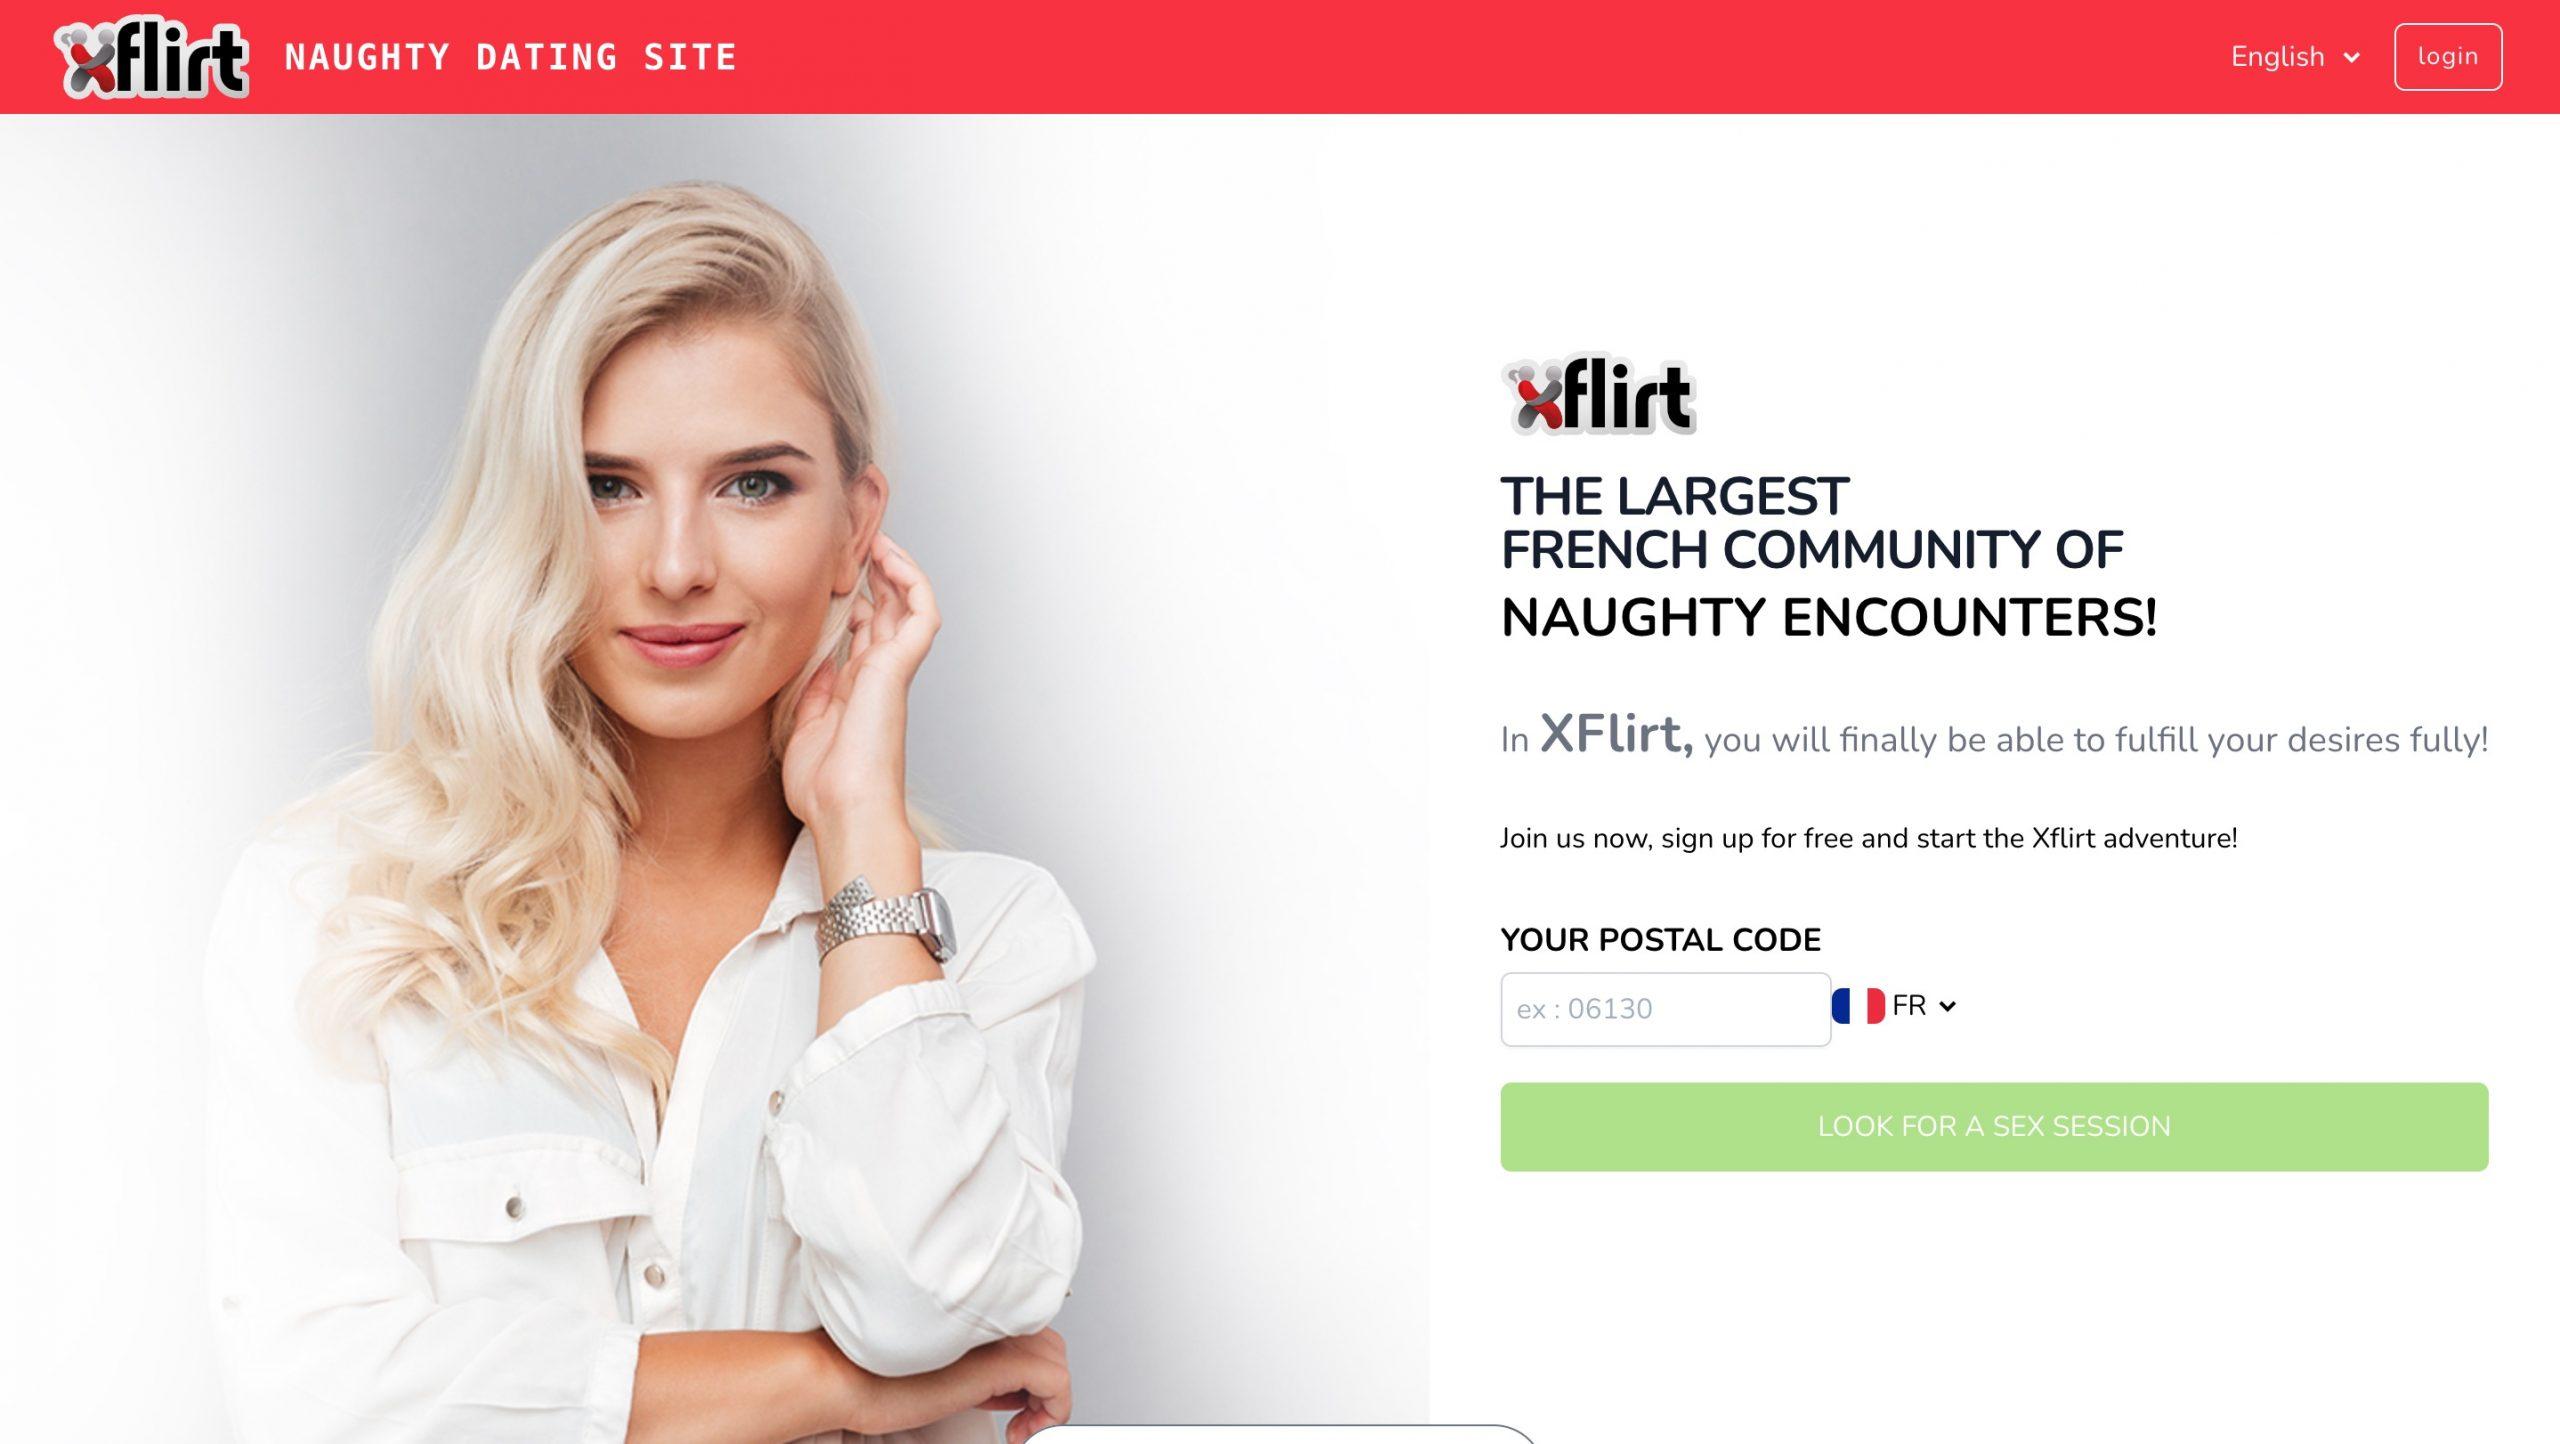 XFlirt main page